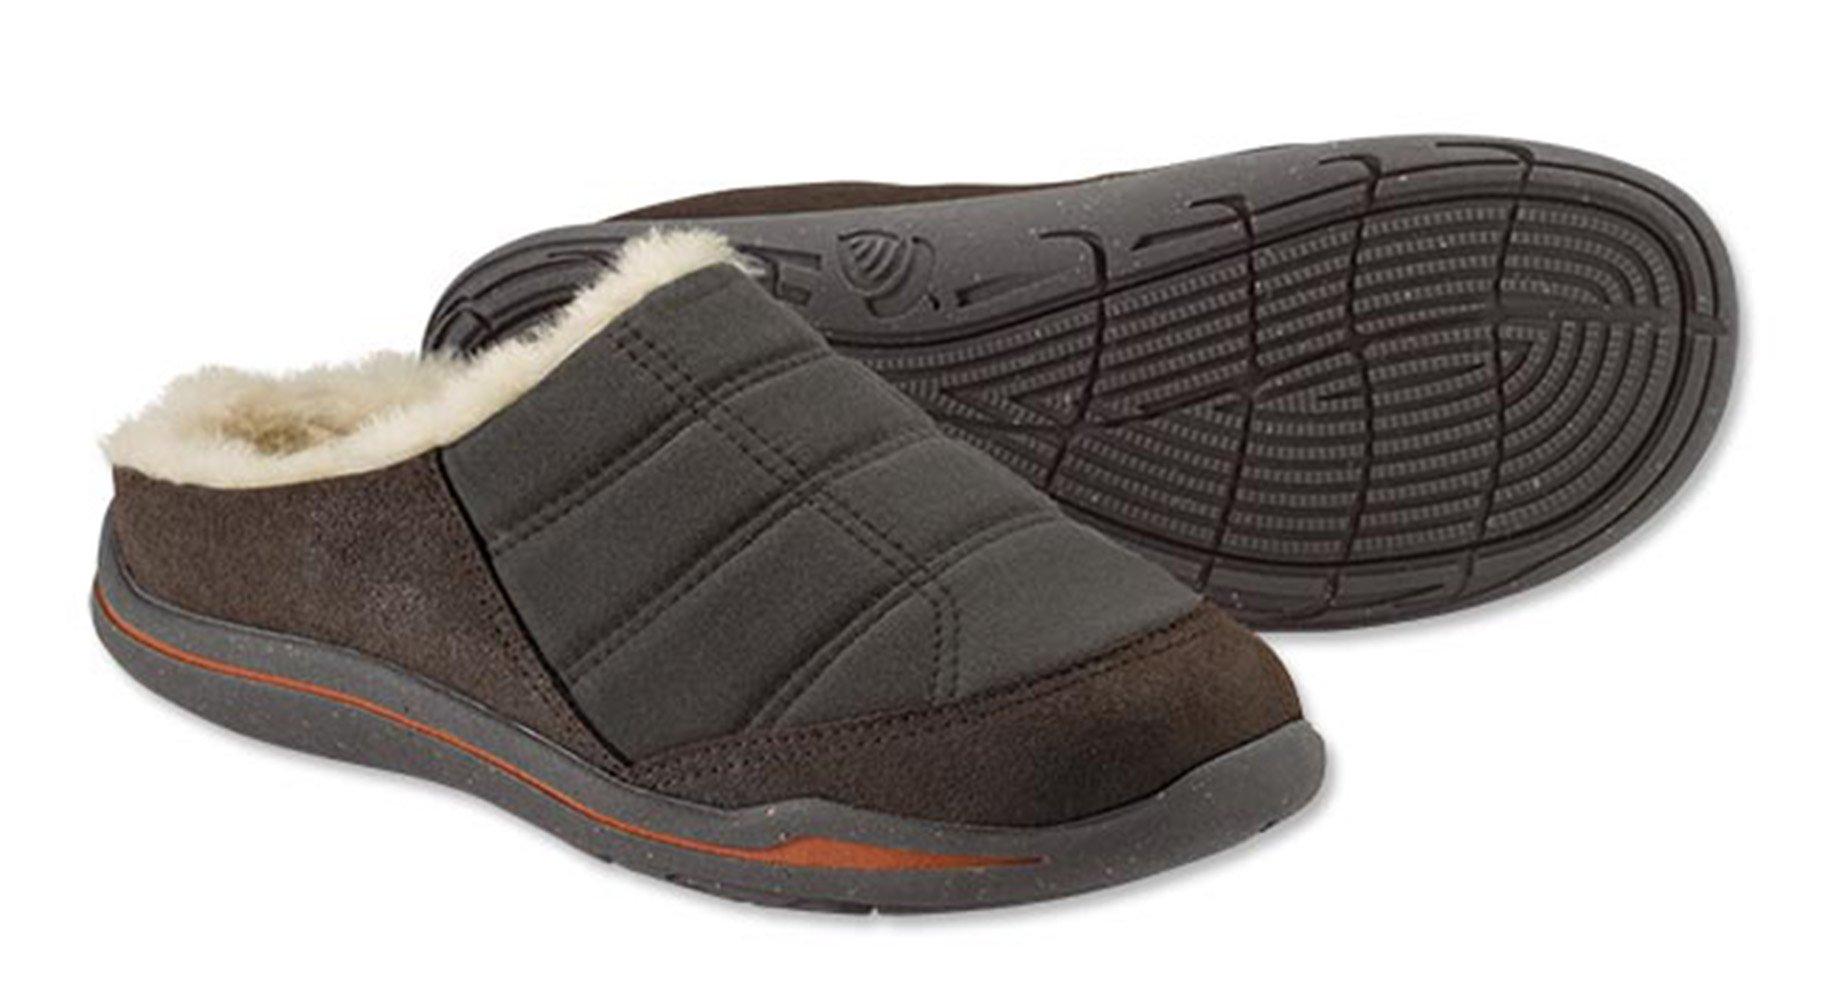 Orvis Men's Ultralight Barefoot Slippers, Brown, 9